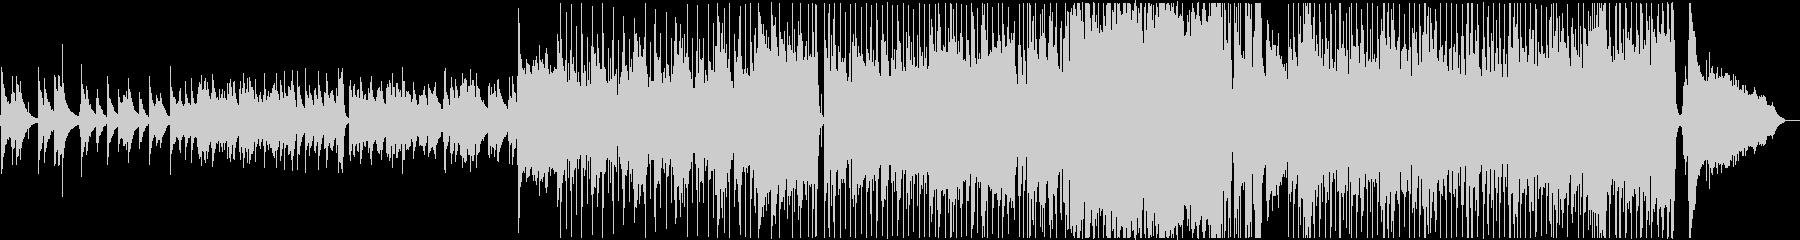 ゴスペル的イントロのミディアムバラードの未再生の波形